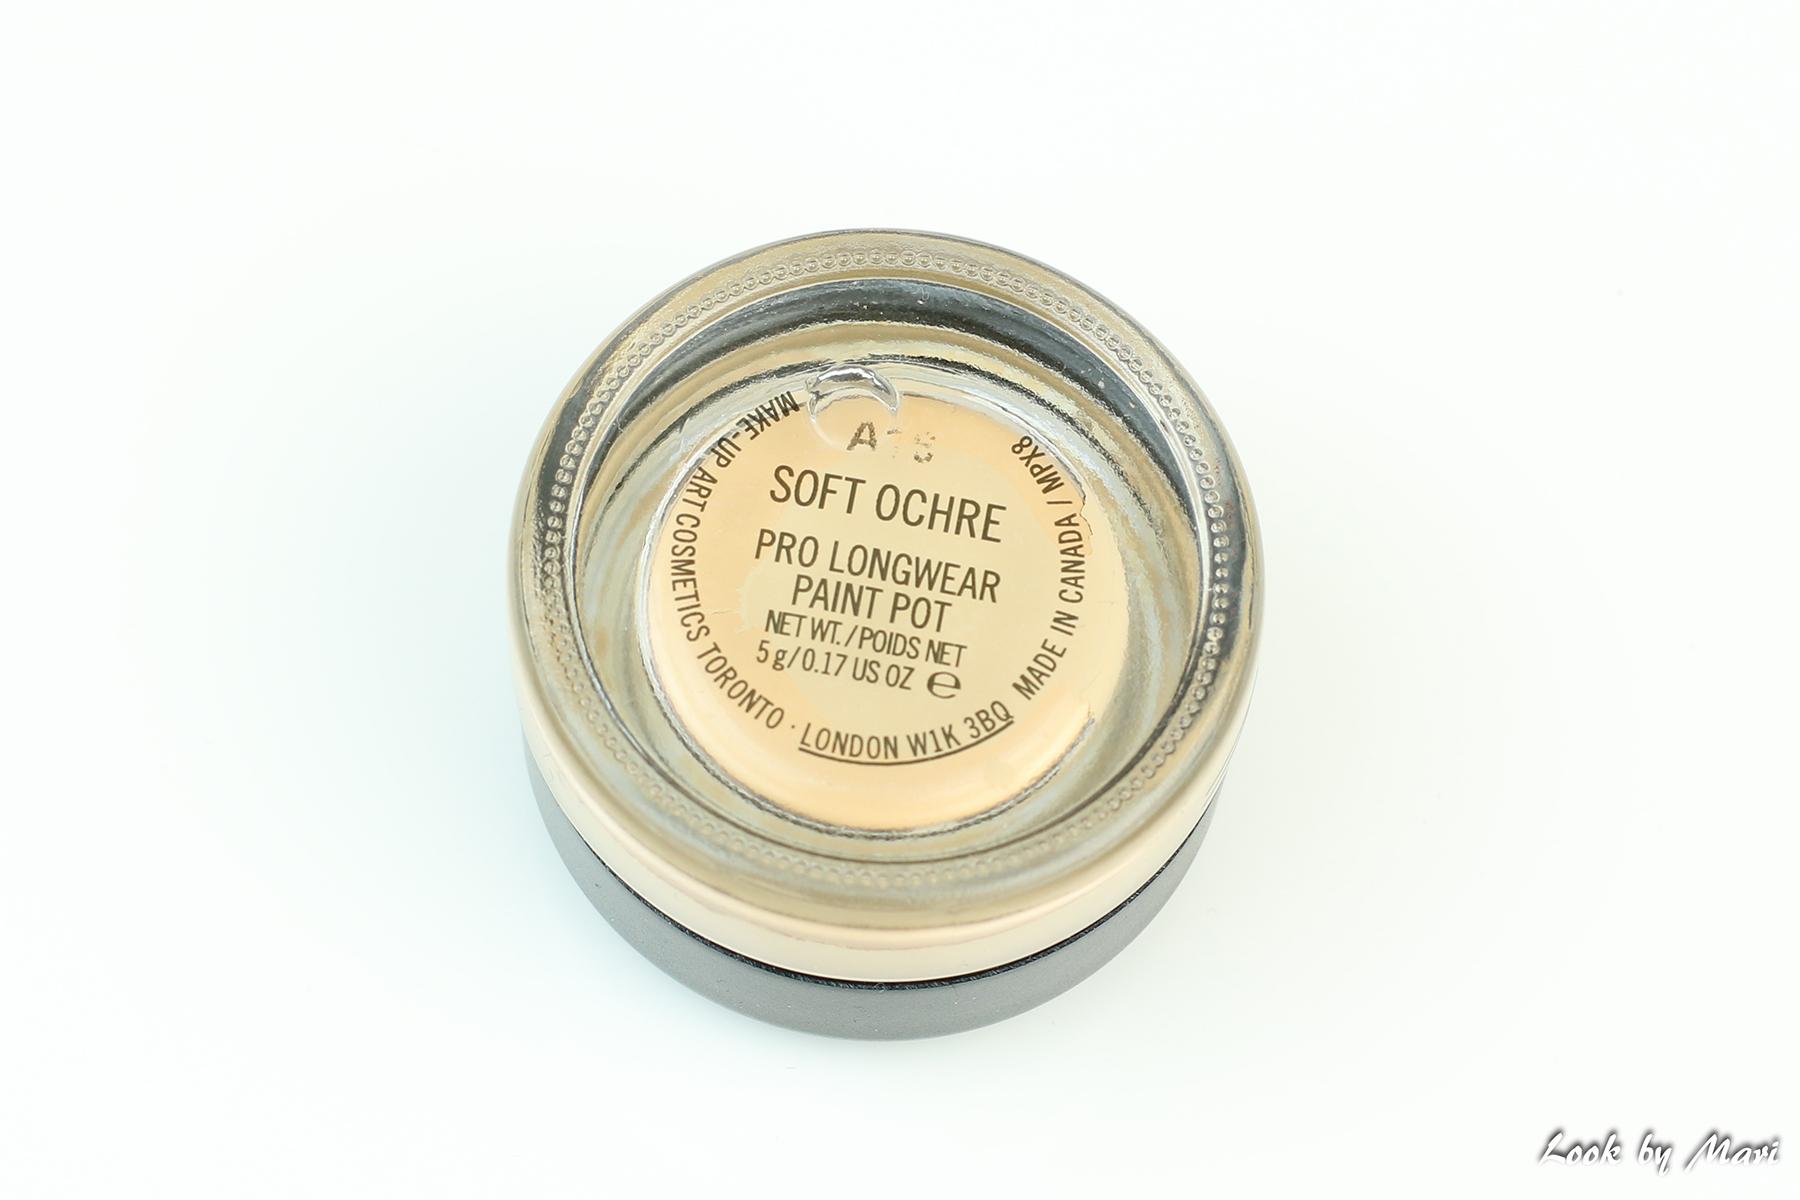 6 Mac pro long wear paint pot sävy soft ochre kokemuksia väri suomi kuinka käyttää pohjustus